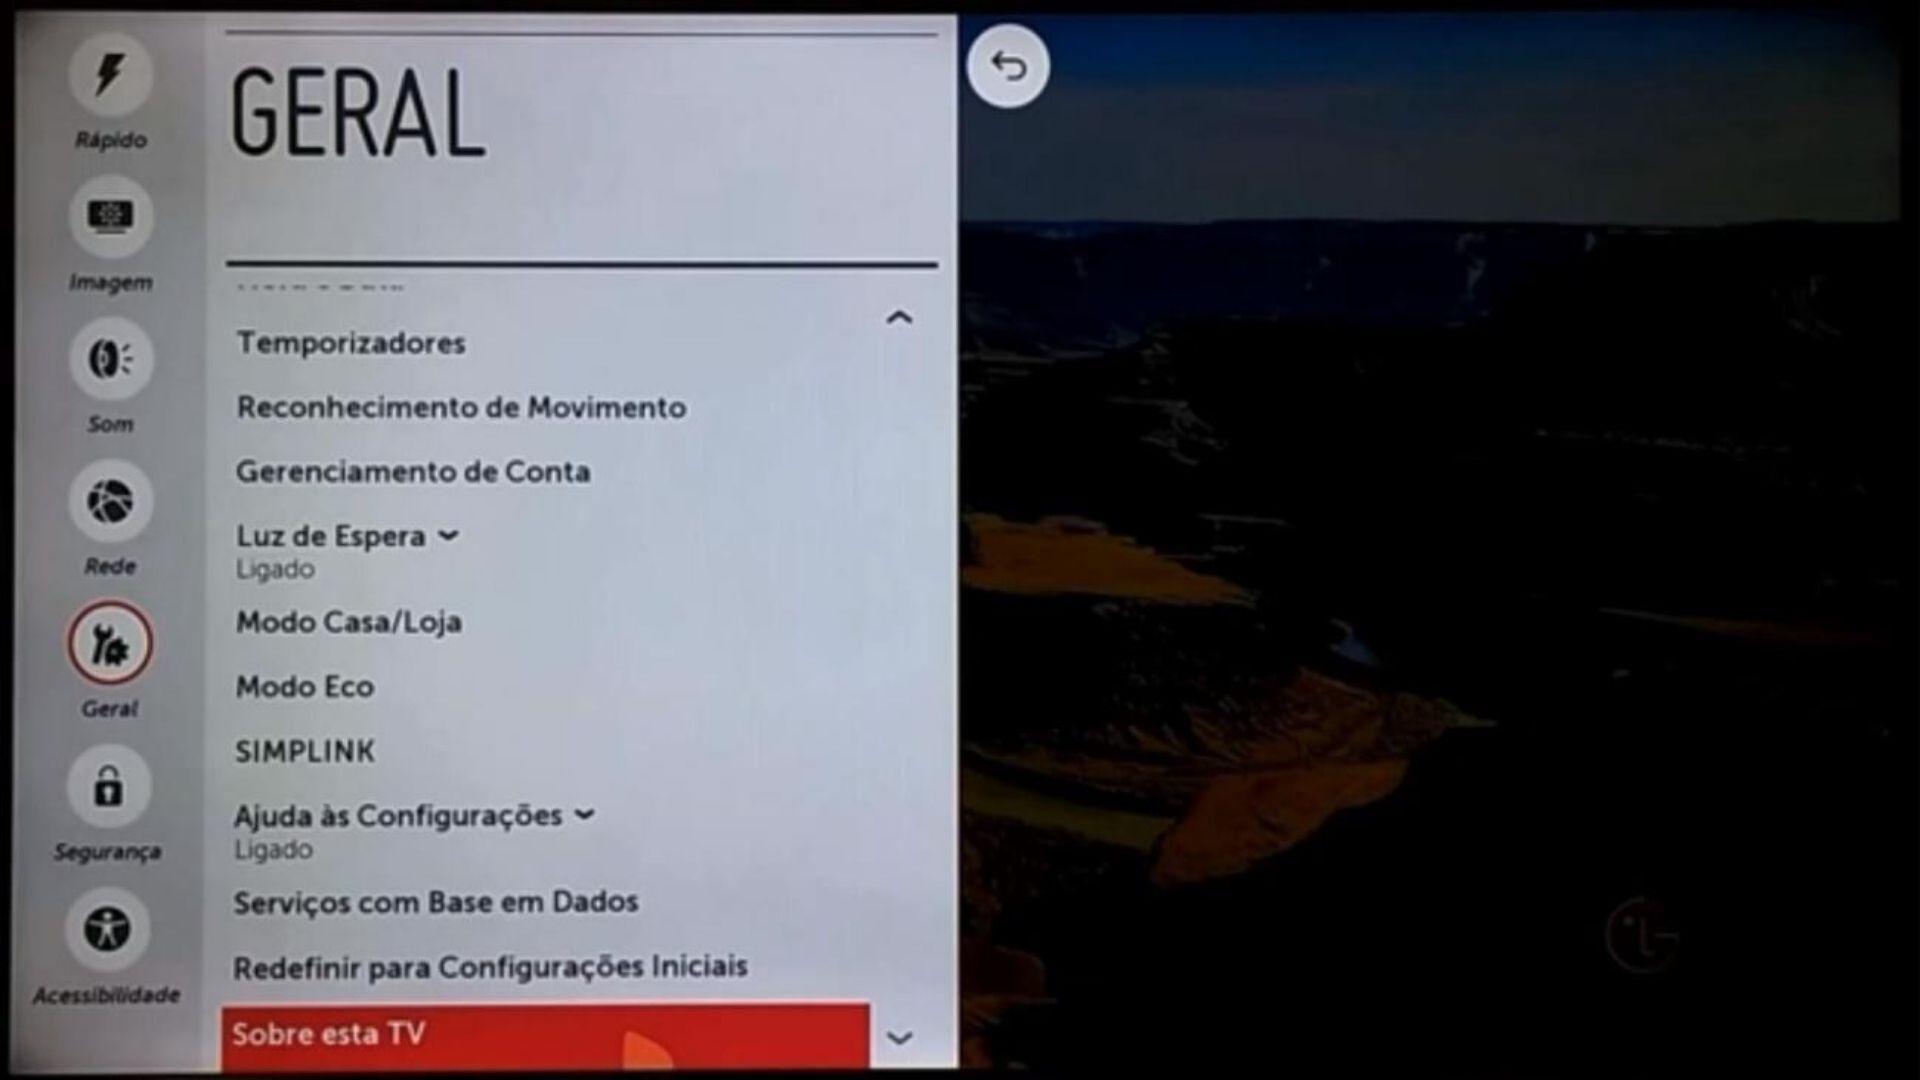 """É na opção """"Sobre esta TV"""" que é possível descobrir atualizações disponíveis (Foto: Reprodução/LG)"""